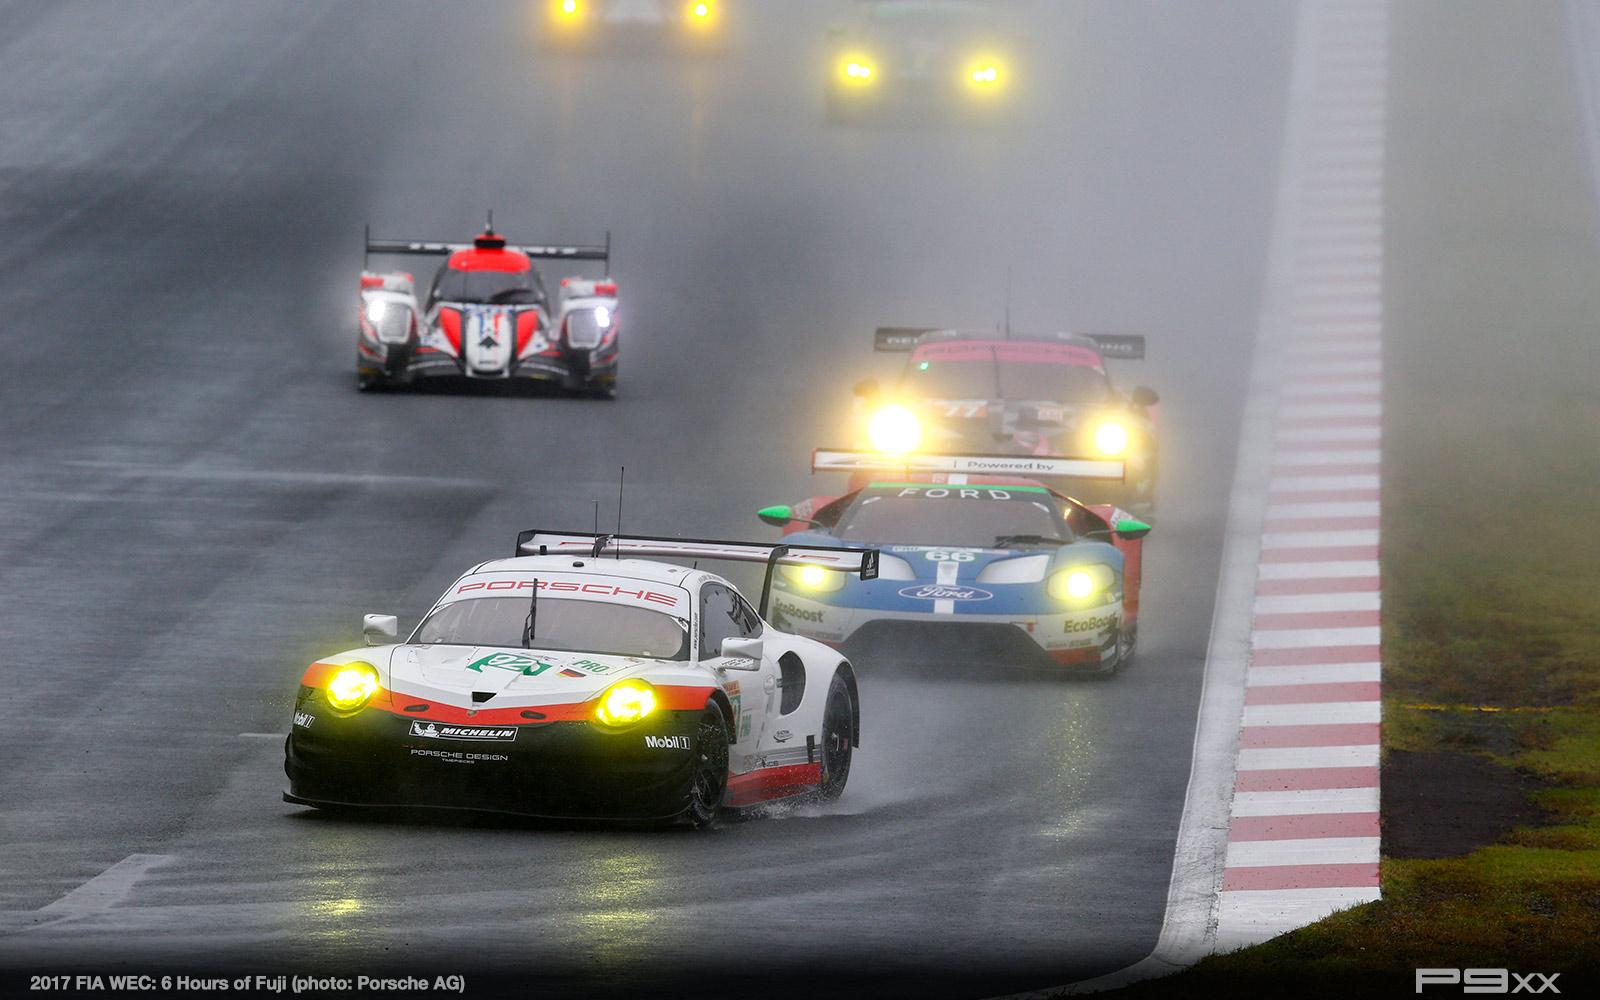 2017-FIA-WEC-6h-of-Fuji-Porsche-477